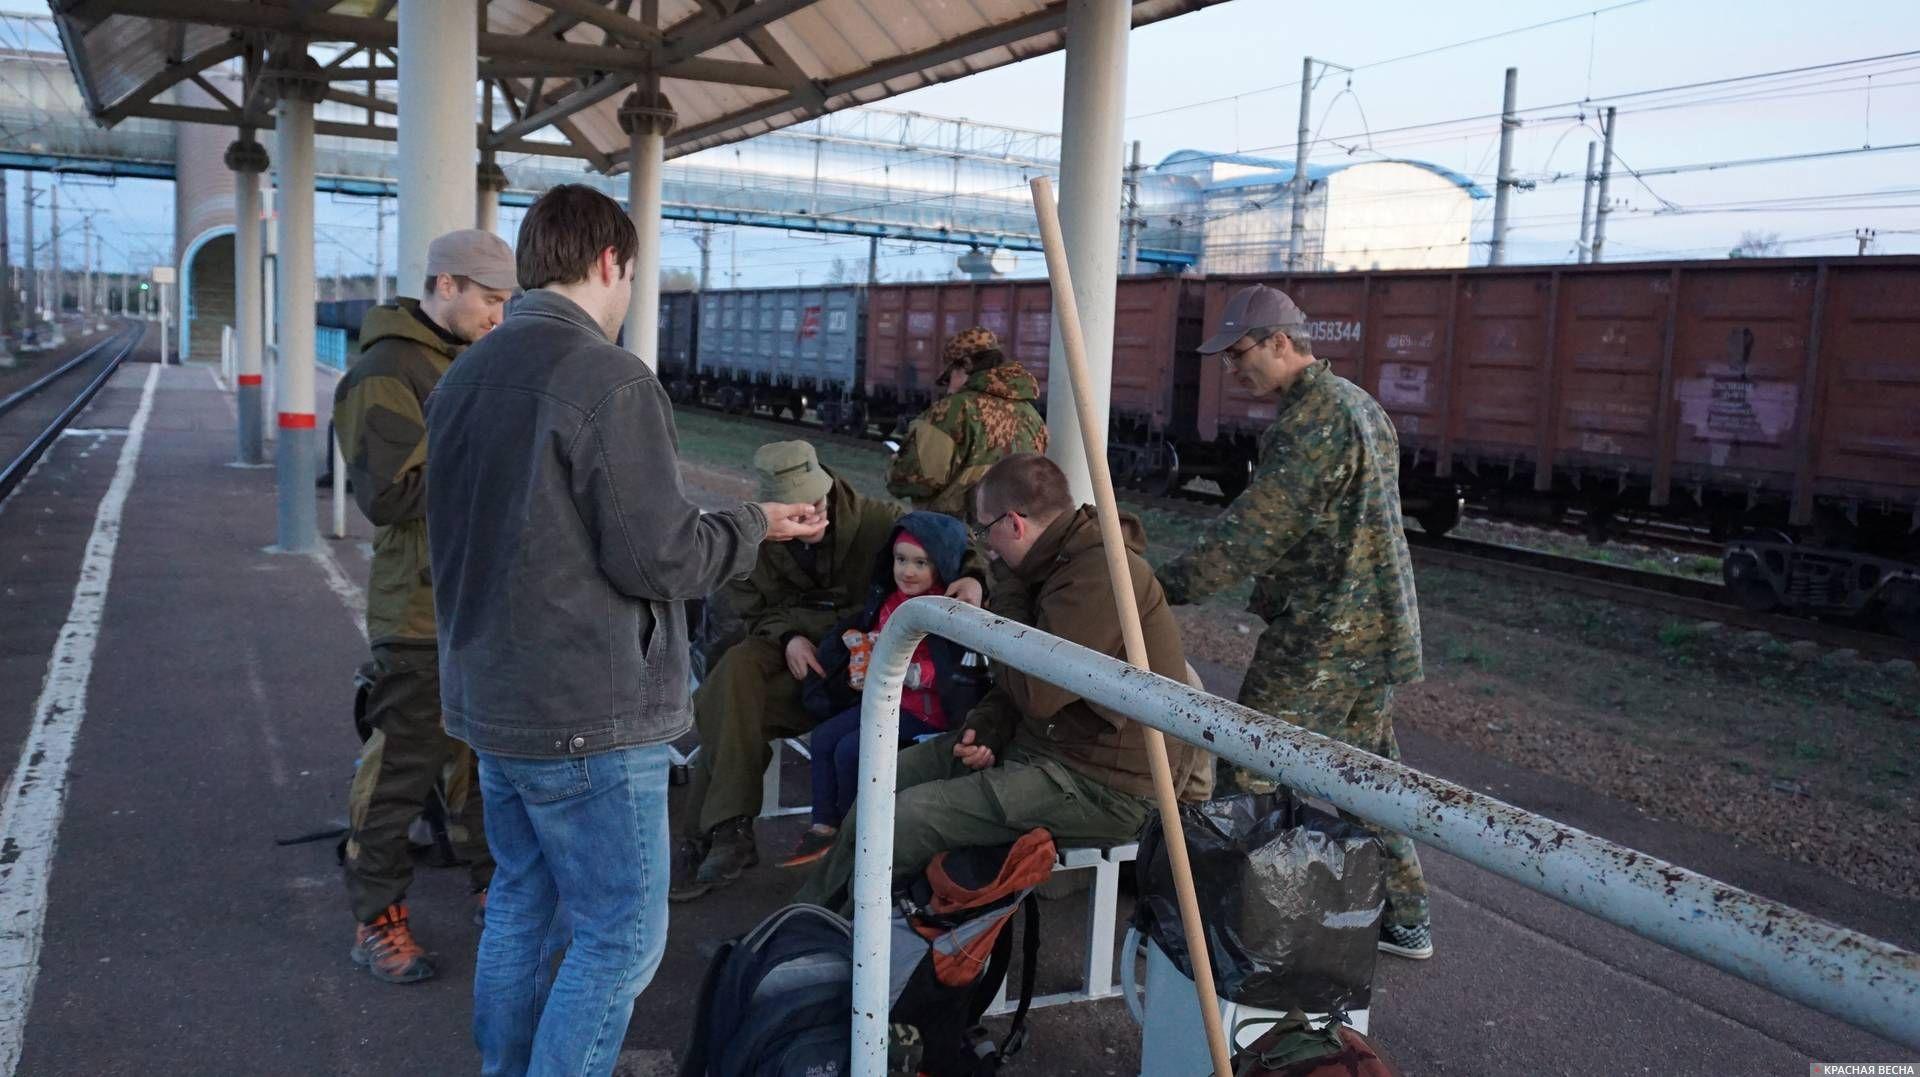 Участники праздничного похода на платформе станции Каннельярви. Ленинградская область